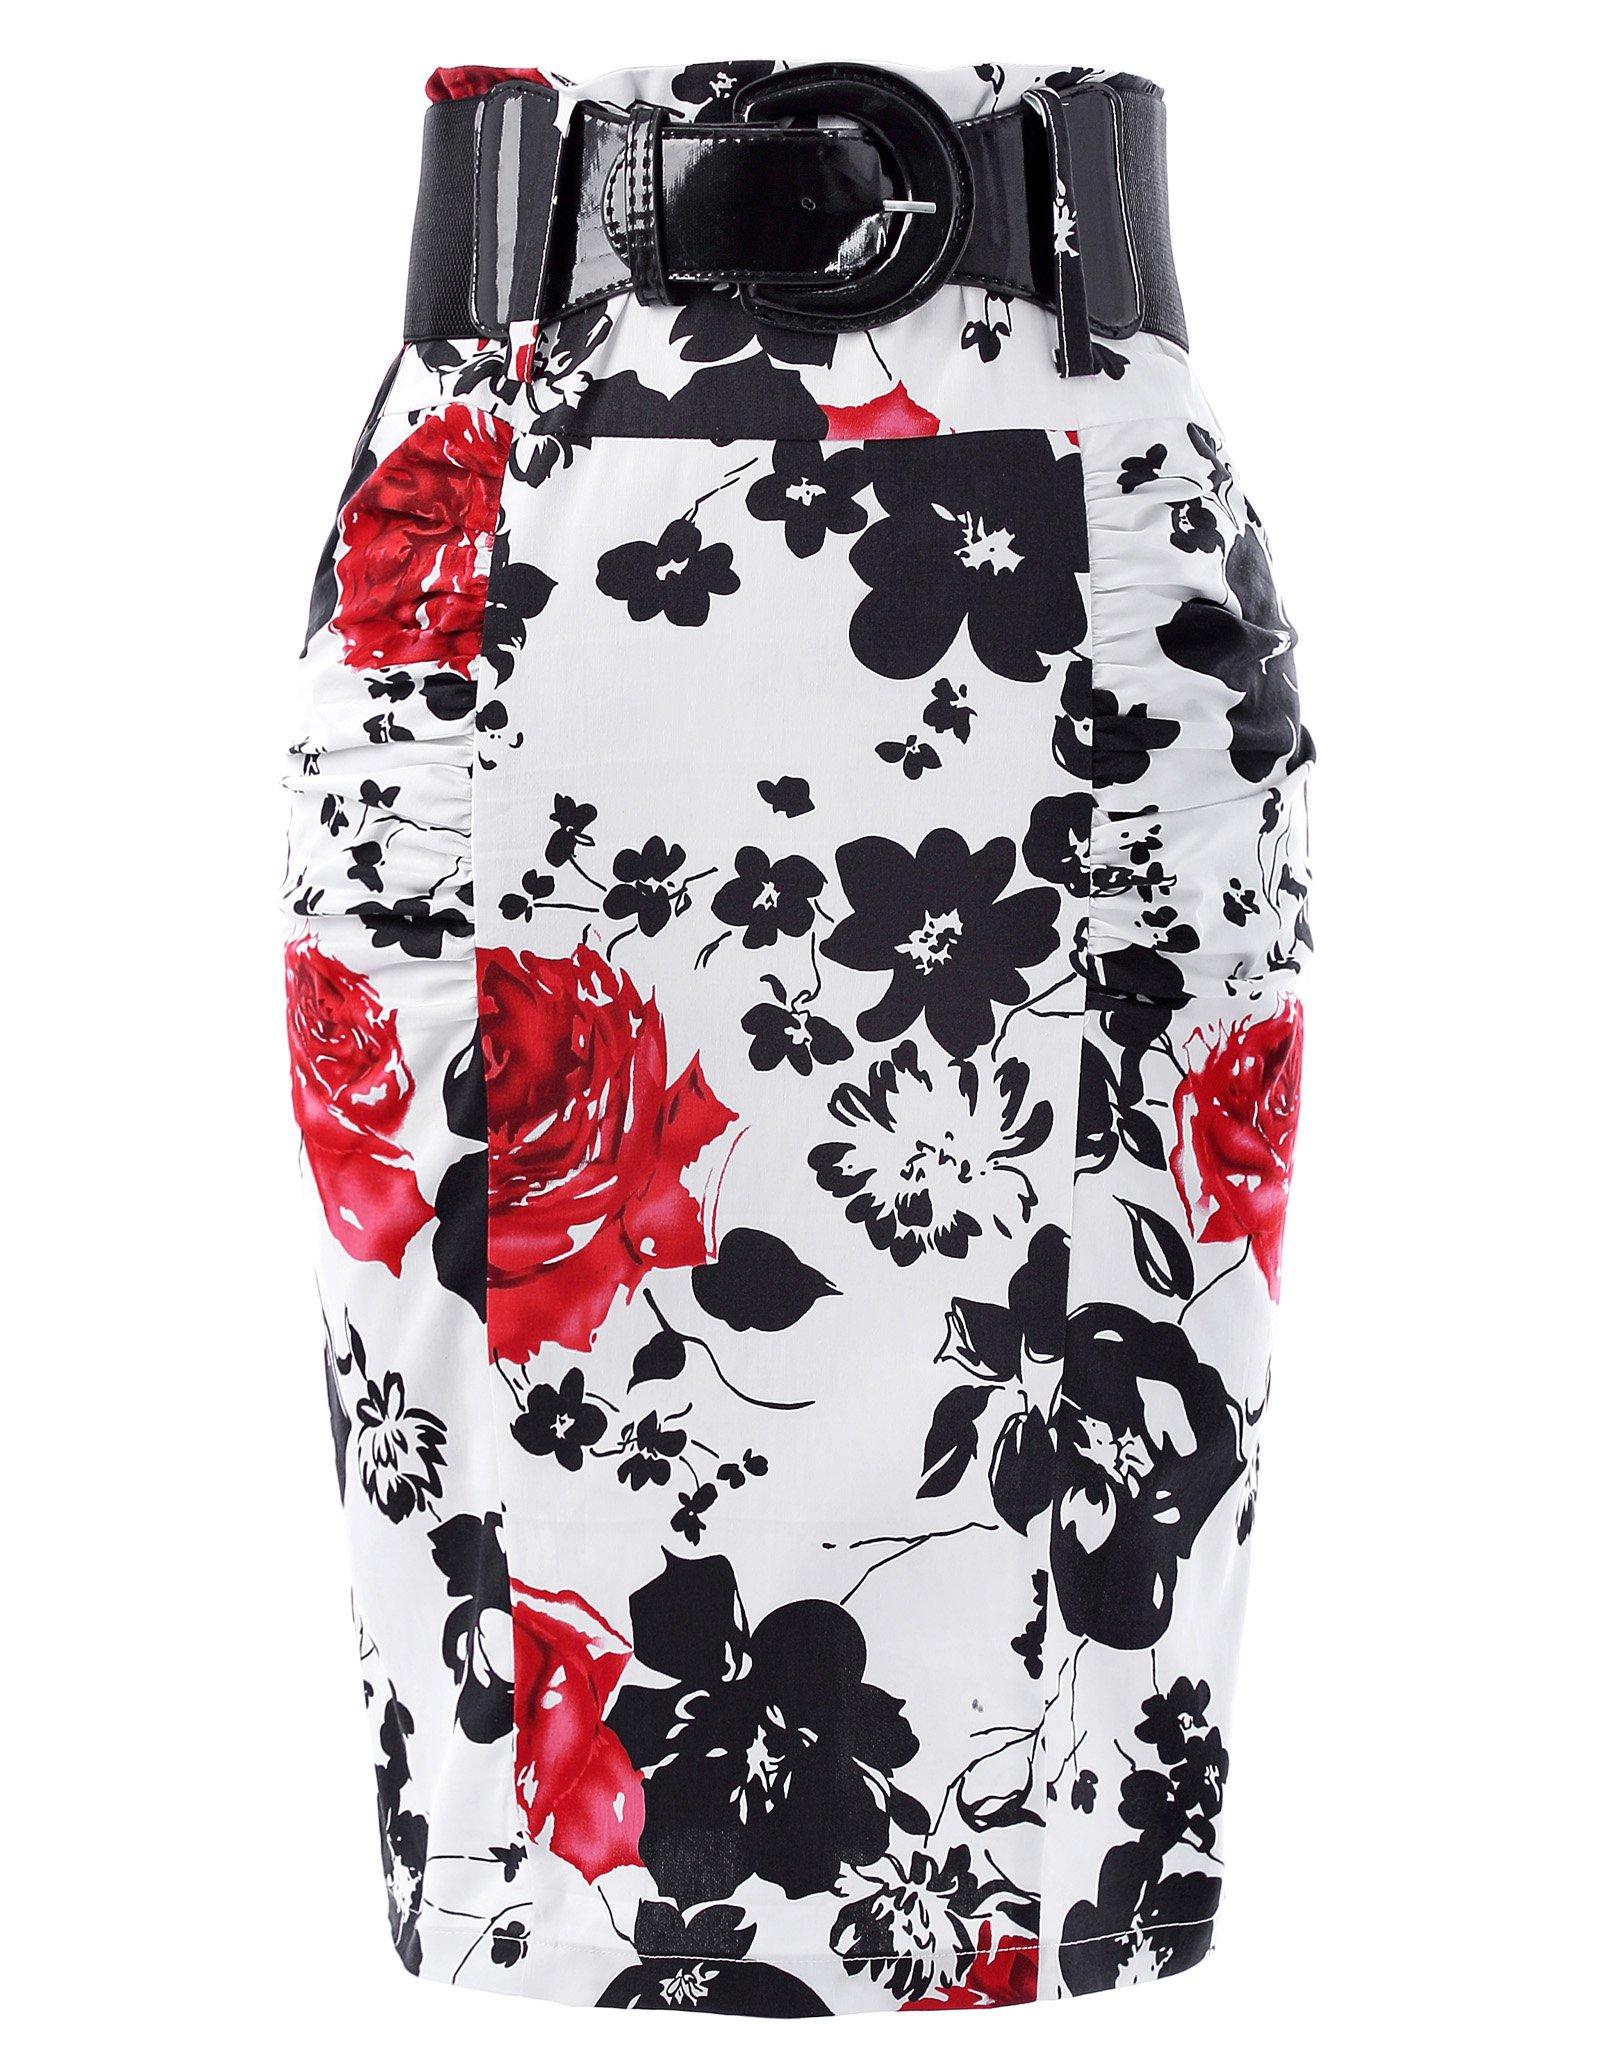 Belle Poque Floral Vintage Pencil Skirts Women Pleated Retro Skirts L KK610-2